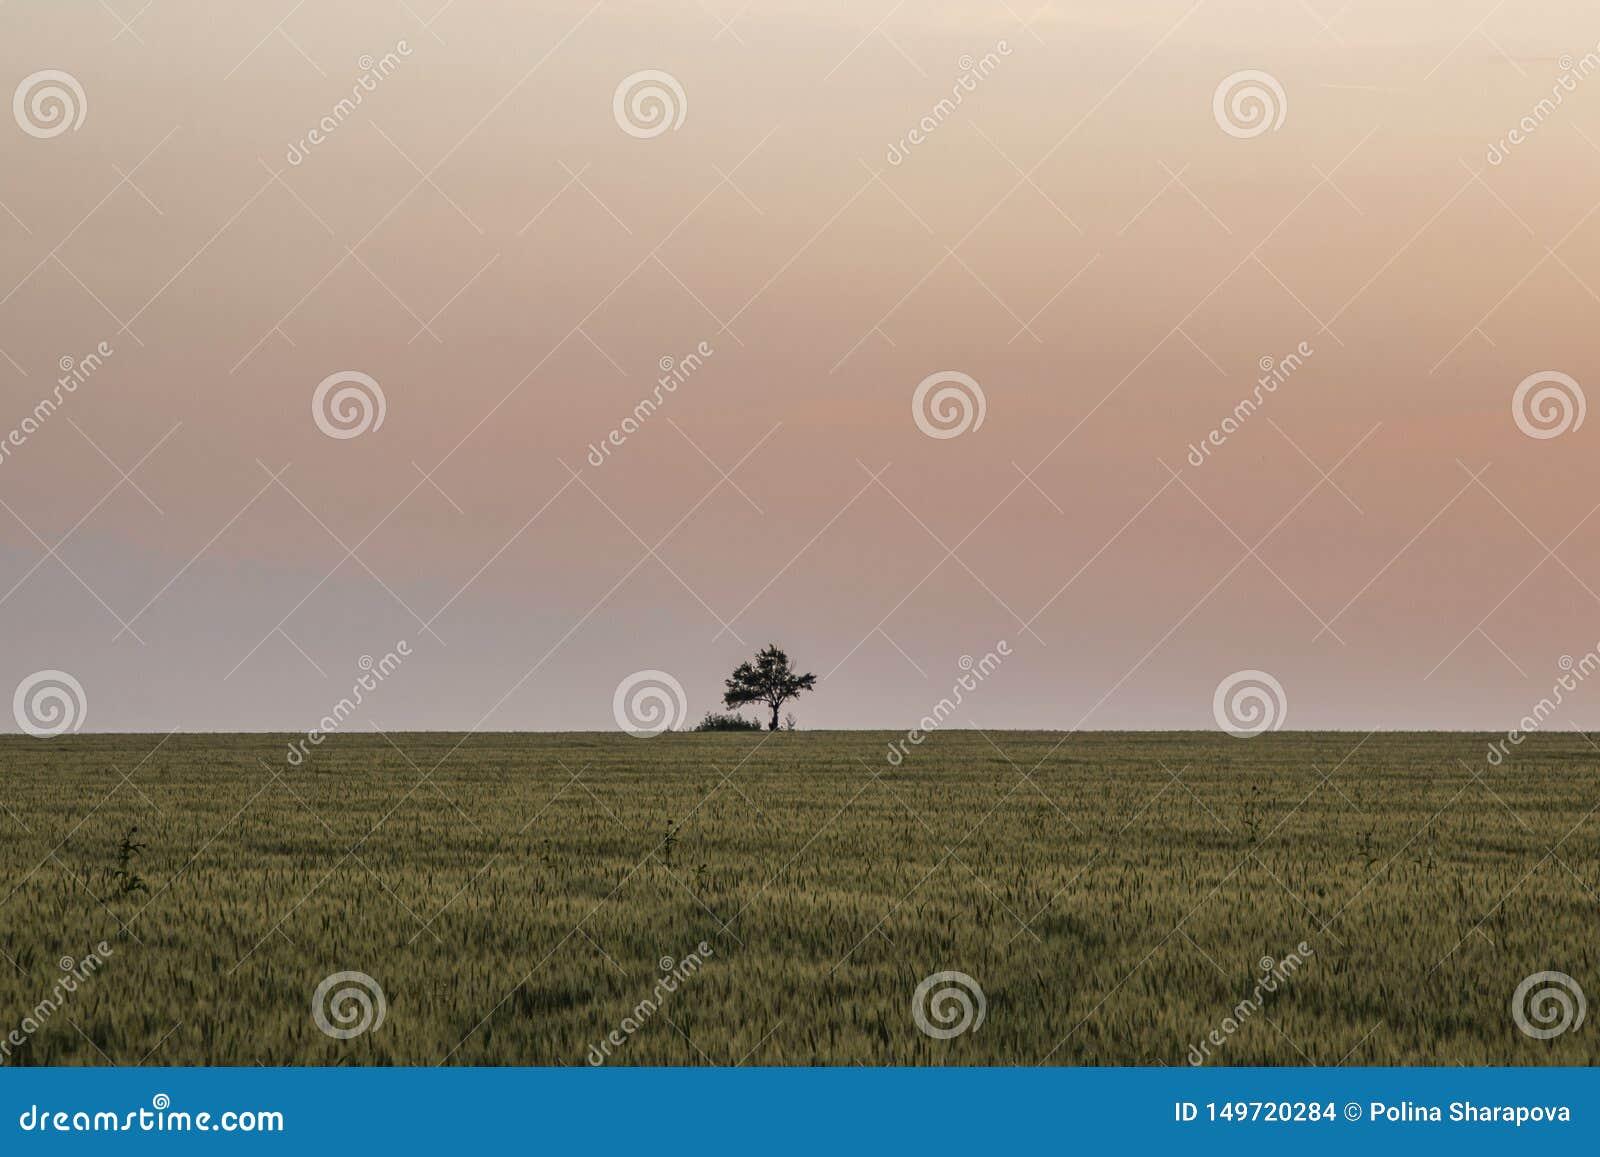 Het mooie landschap, eenzame boom op groen gebied, mooie roze zonsondergang, horizon is zichtbaar clearle